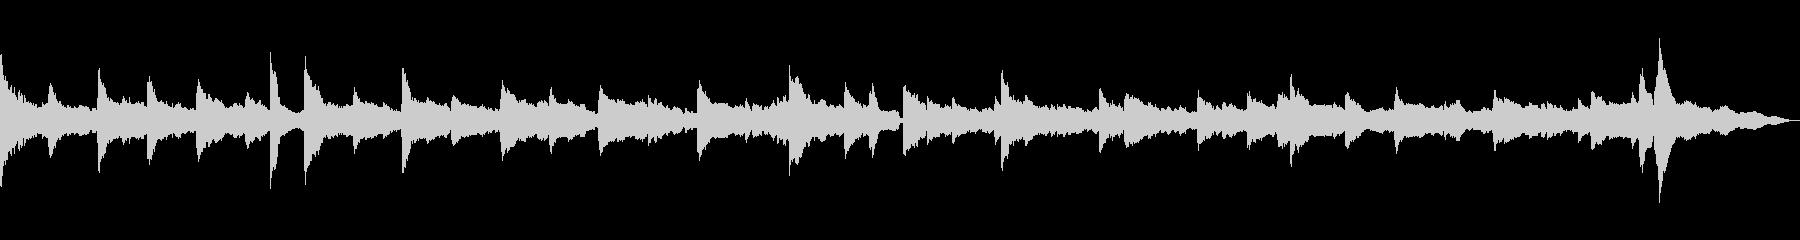 ピアノソロ レクイエム風の未再生の波形